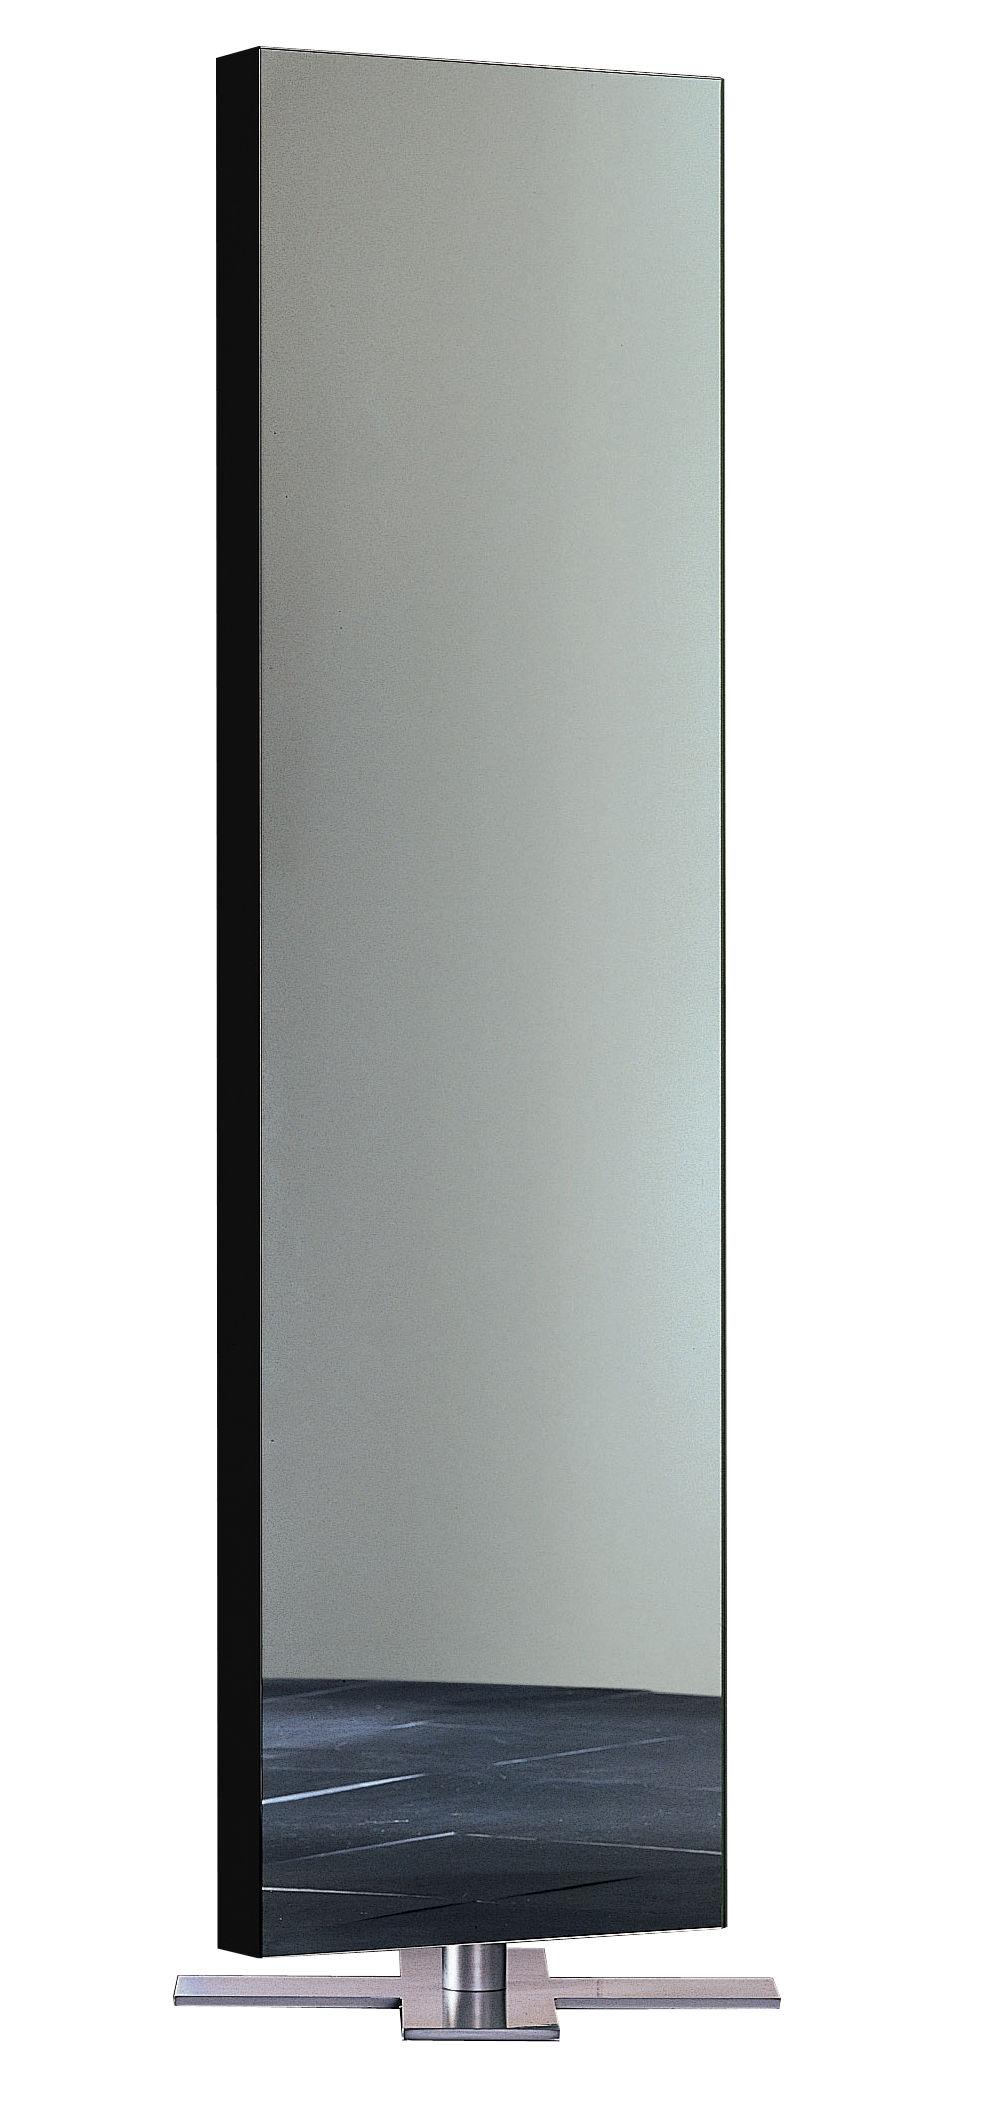 Miroir sur pied giano poser au sol l 50 x h 180 cm for Miroir sur pied 50 cm